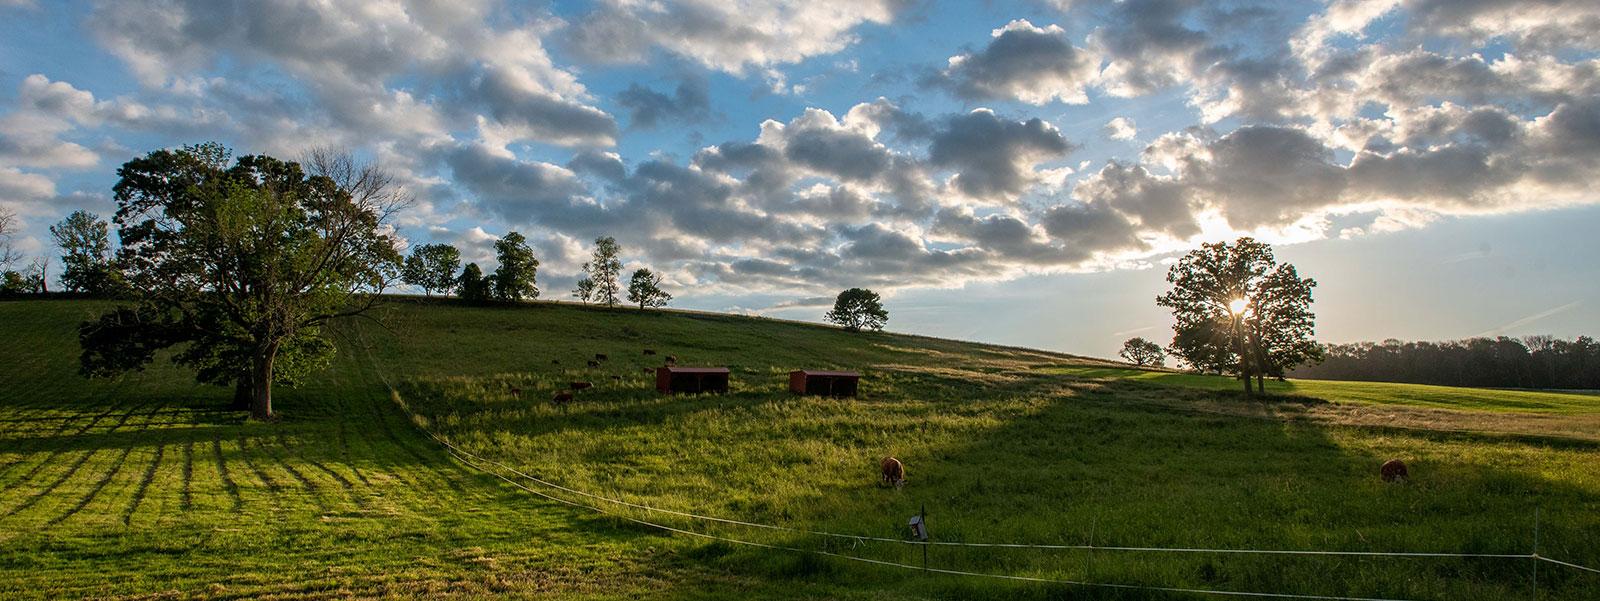 Horsebarn Hill at UConn Storrs near sunset.